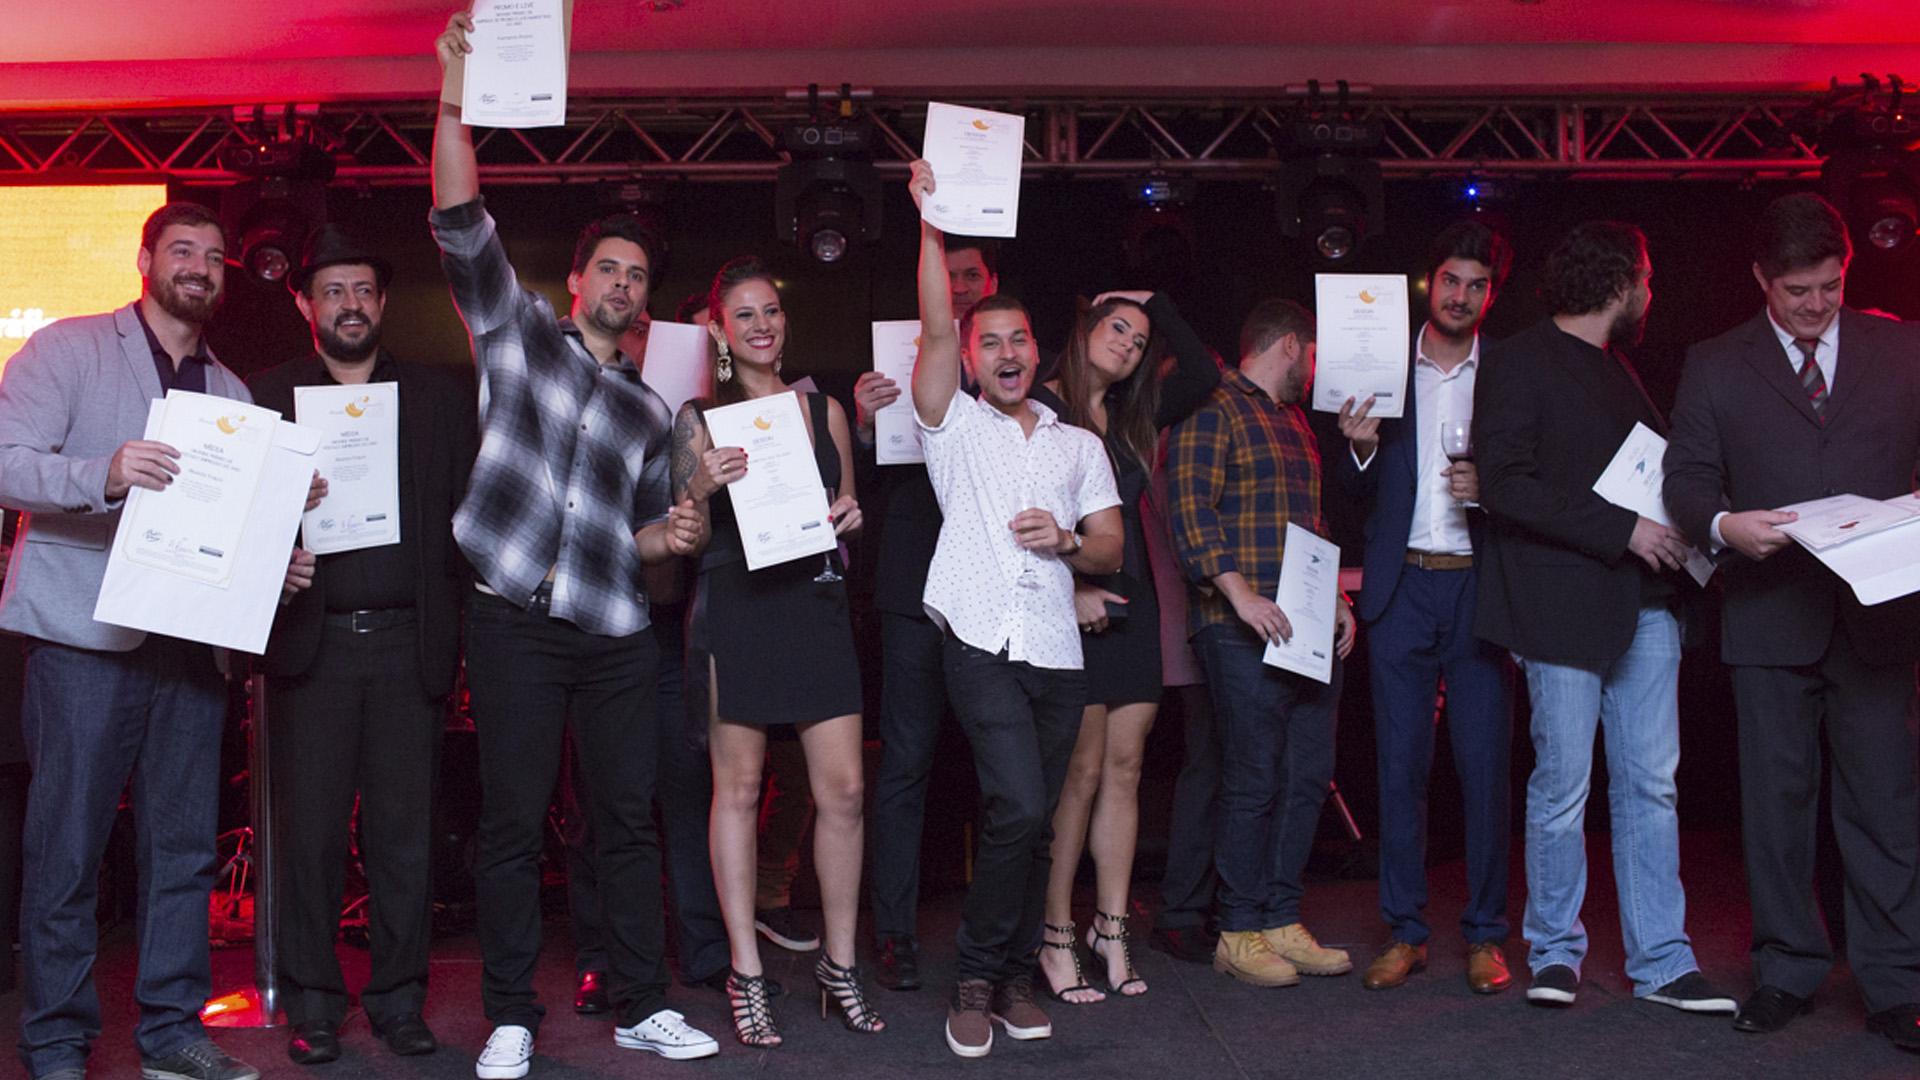 Prêmio Colunistas – Fermentos em festa